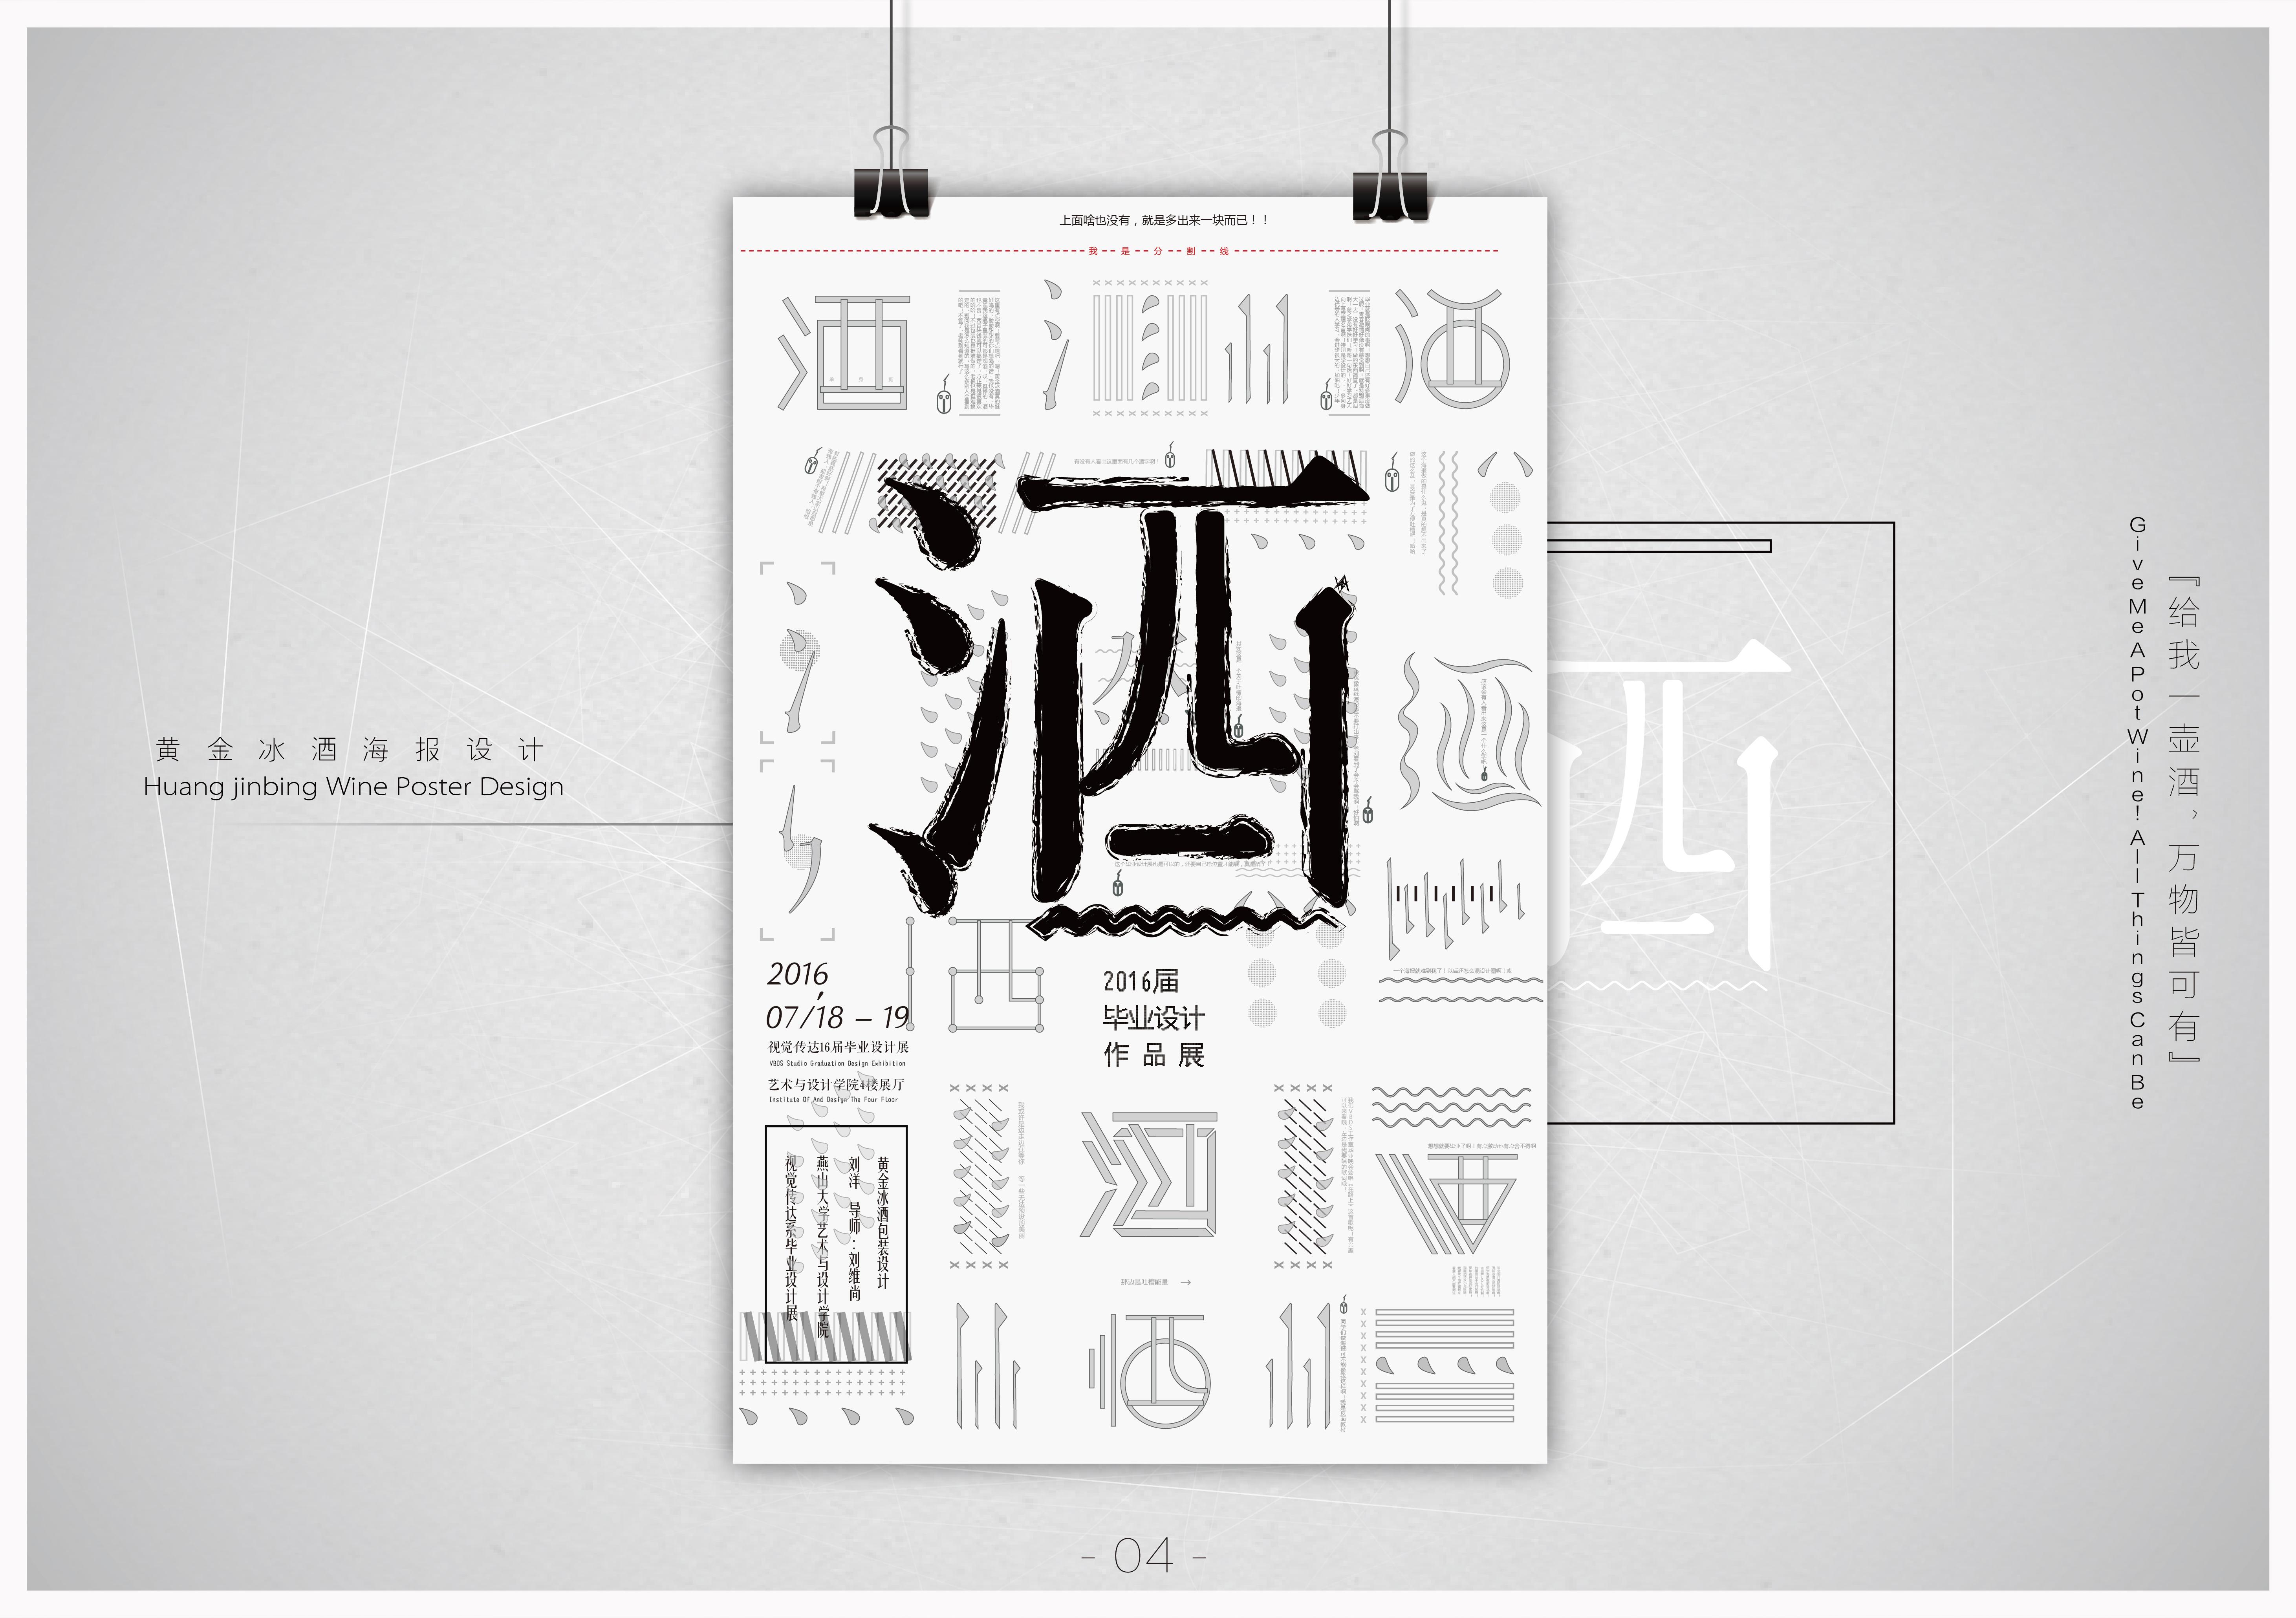 以字体设计和汉字笔画元素重构设计的亲情款冰酒海报图片